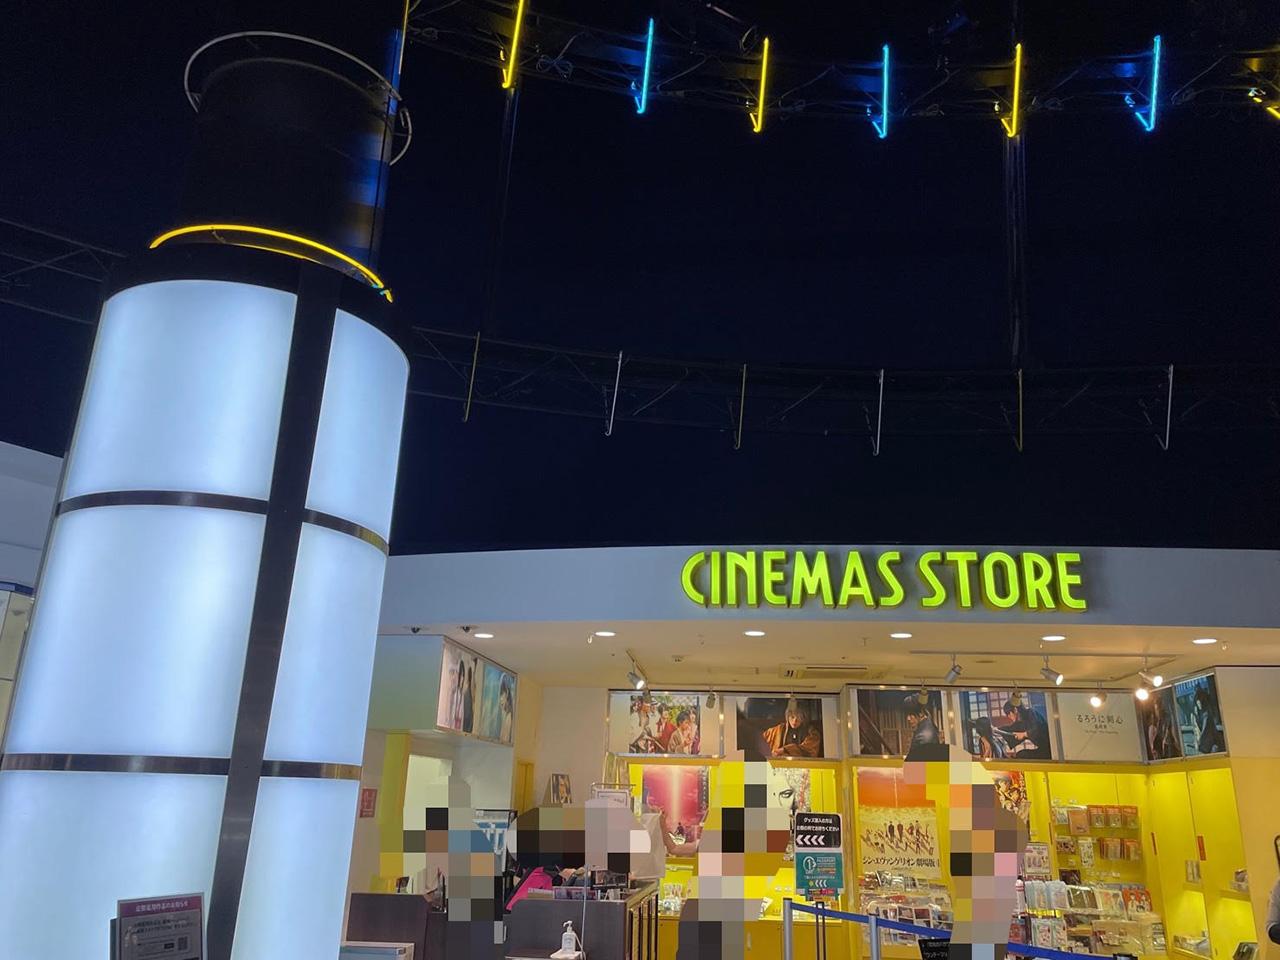 映画グッズを販売している売店の写真